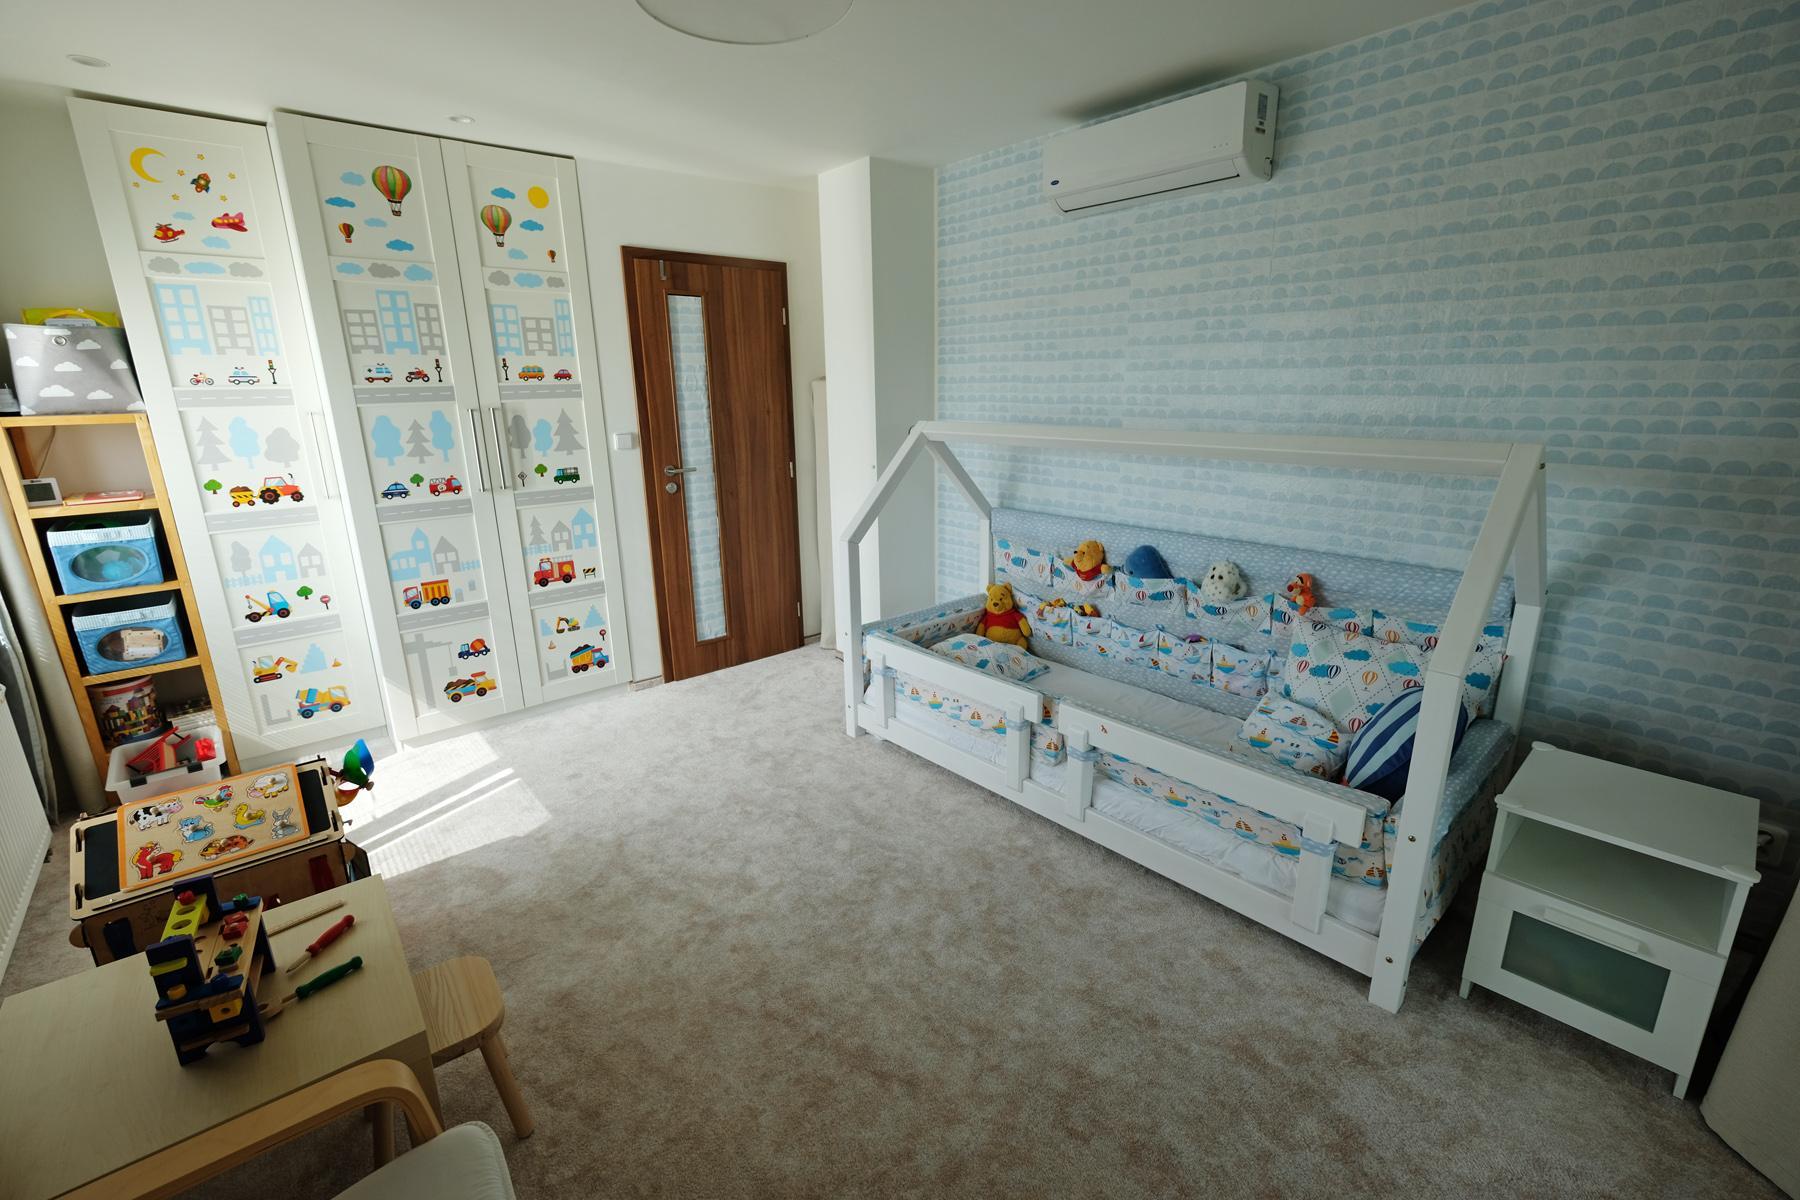 Maťkova izba - Tak tu už izbička v podstate hotová - mantinely v postieľke hotové, malý už väčšinou spí sám...